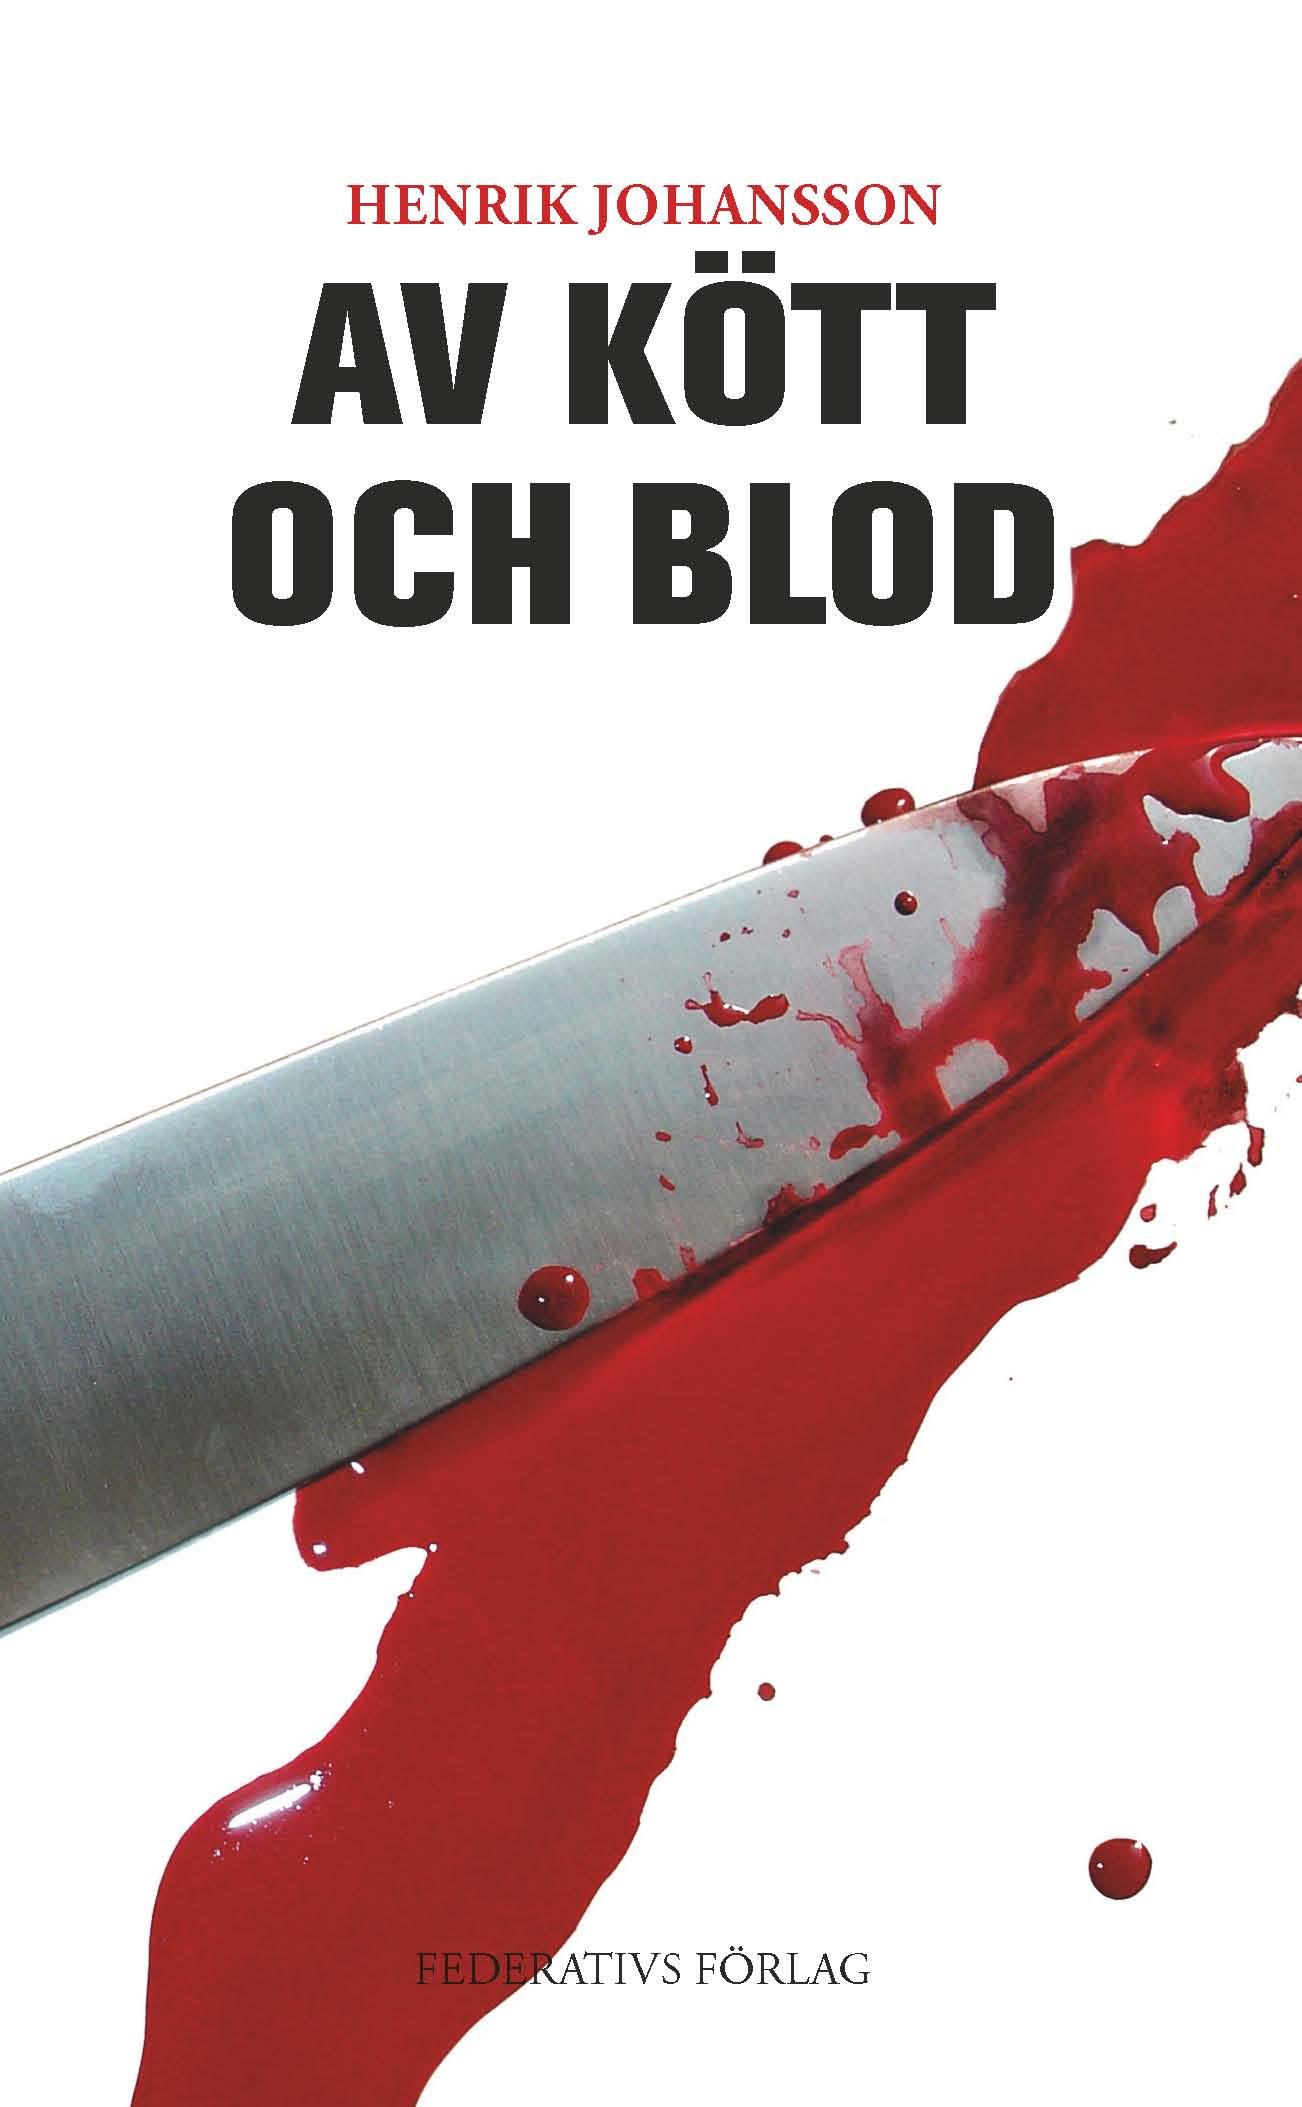 Av kött och blod av Henrik  Johansson, Federativ förlag 2013.